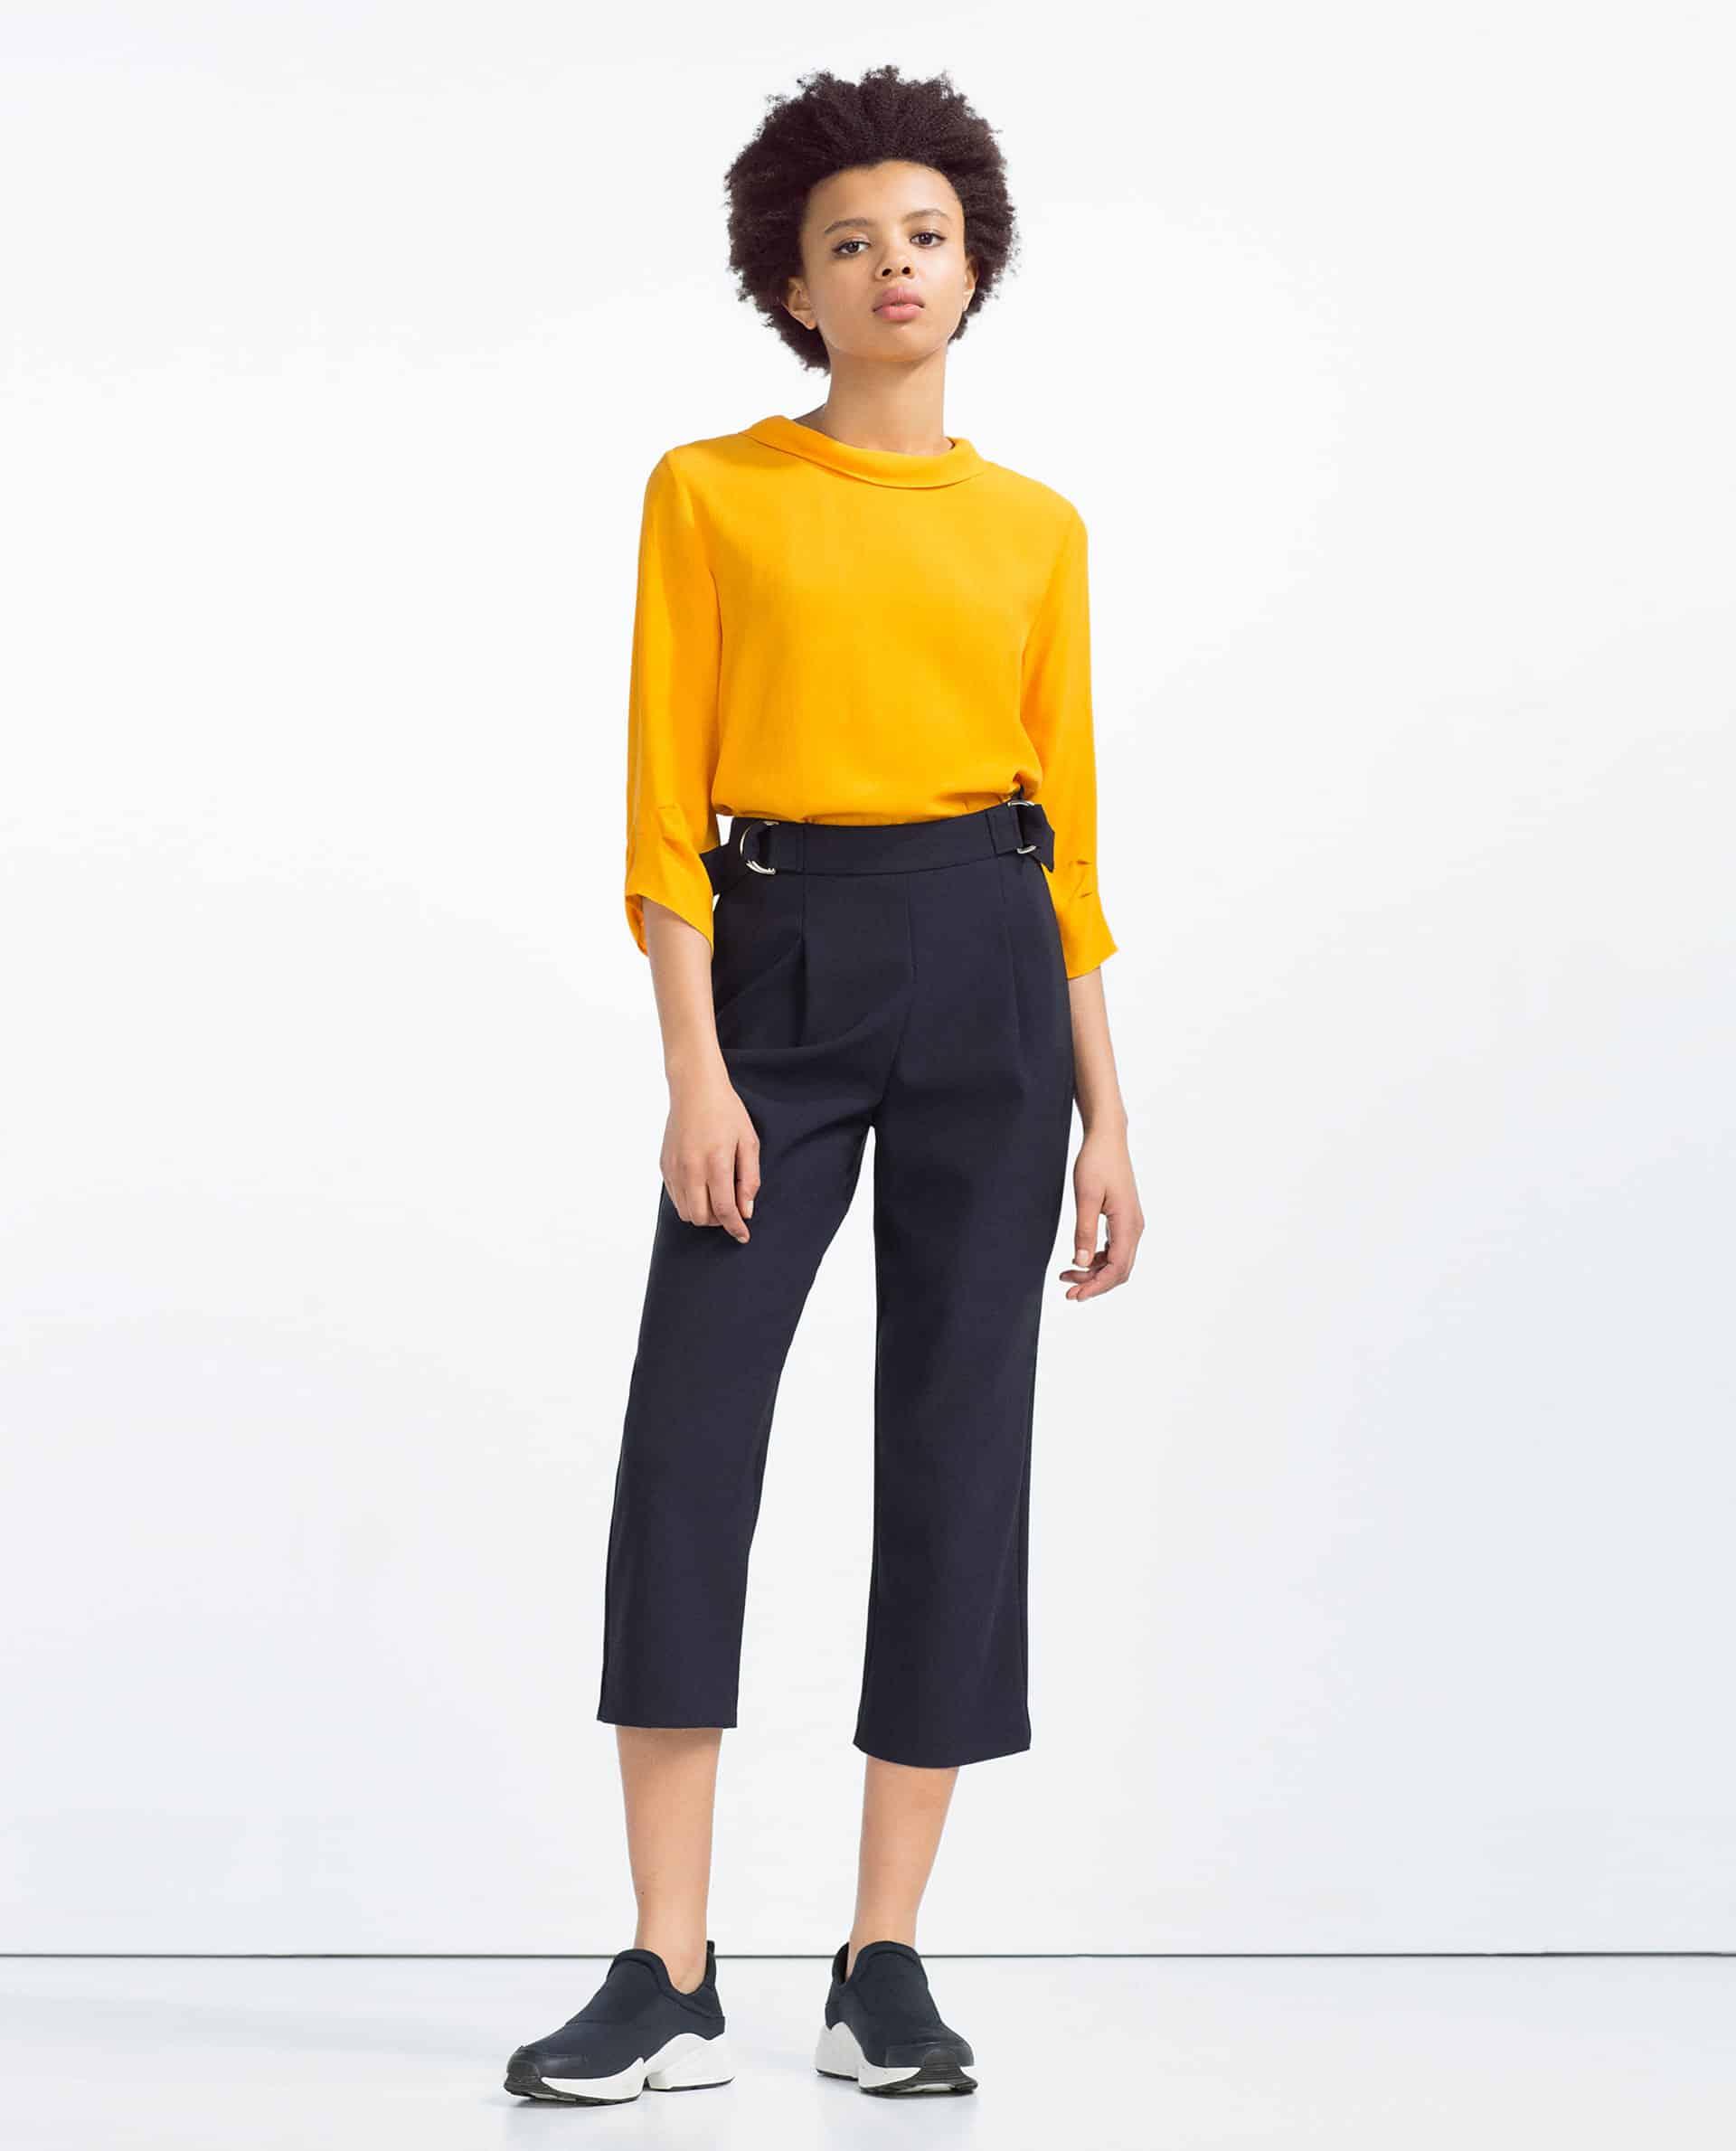 29 Zara catalogo PE 2016